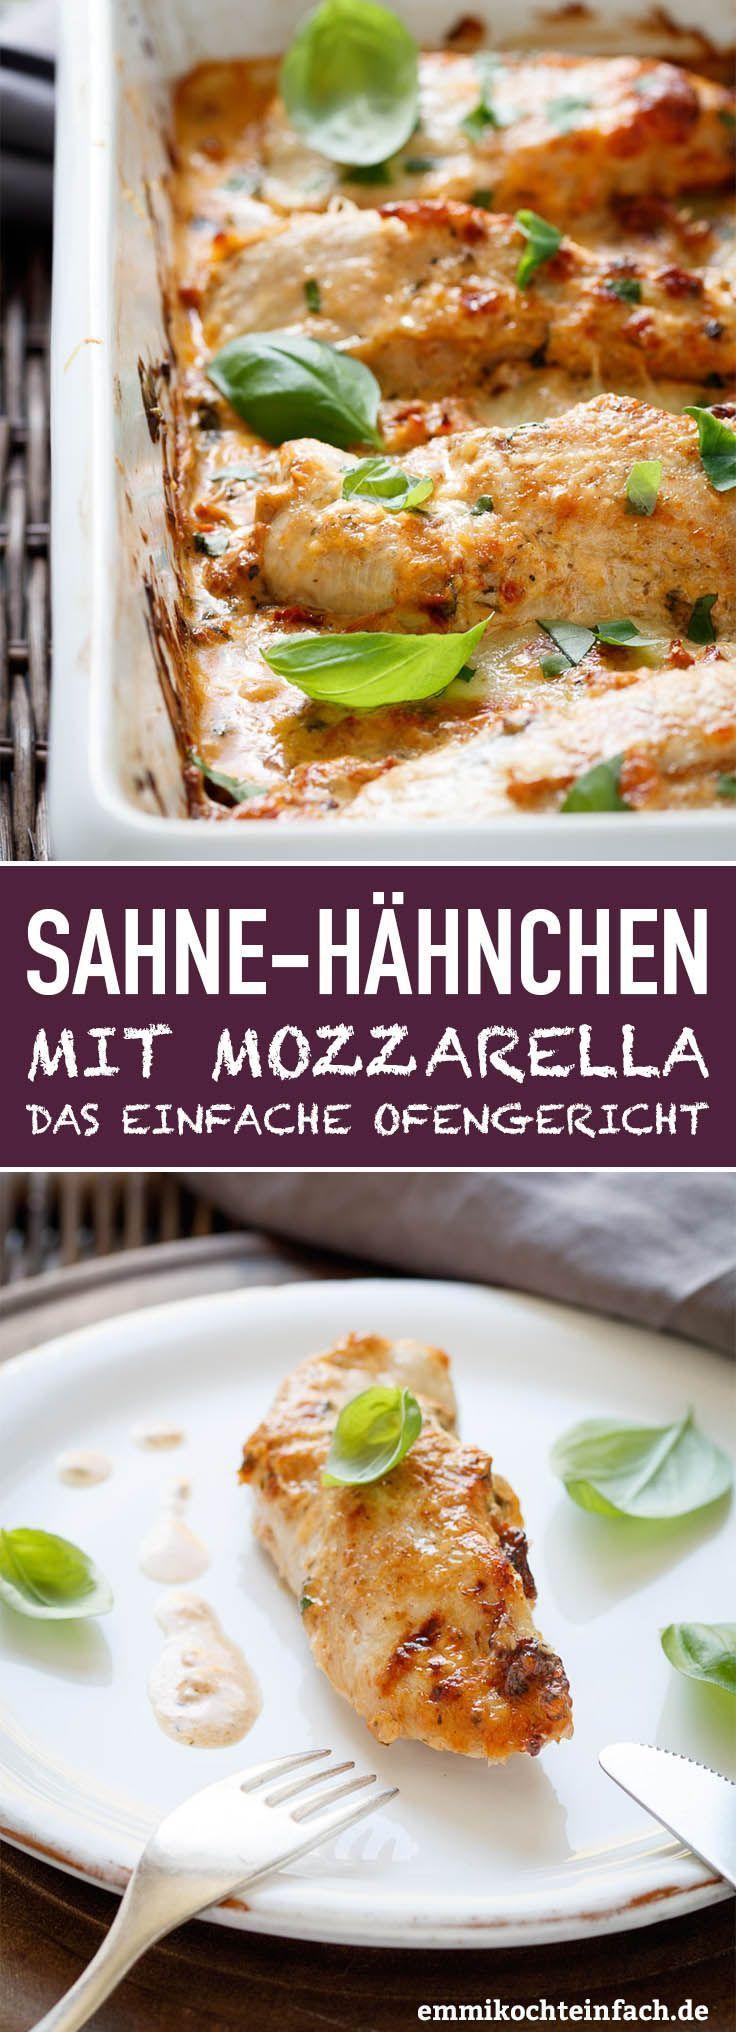 Sahne Hähnchen mit Mozzarella - emmikochteinfach